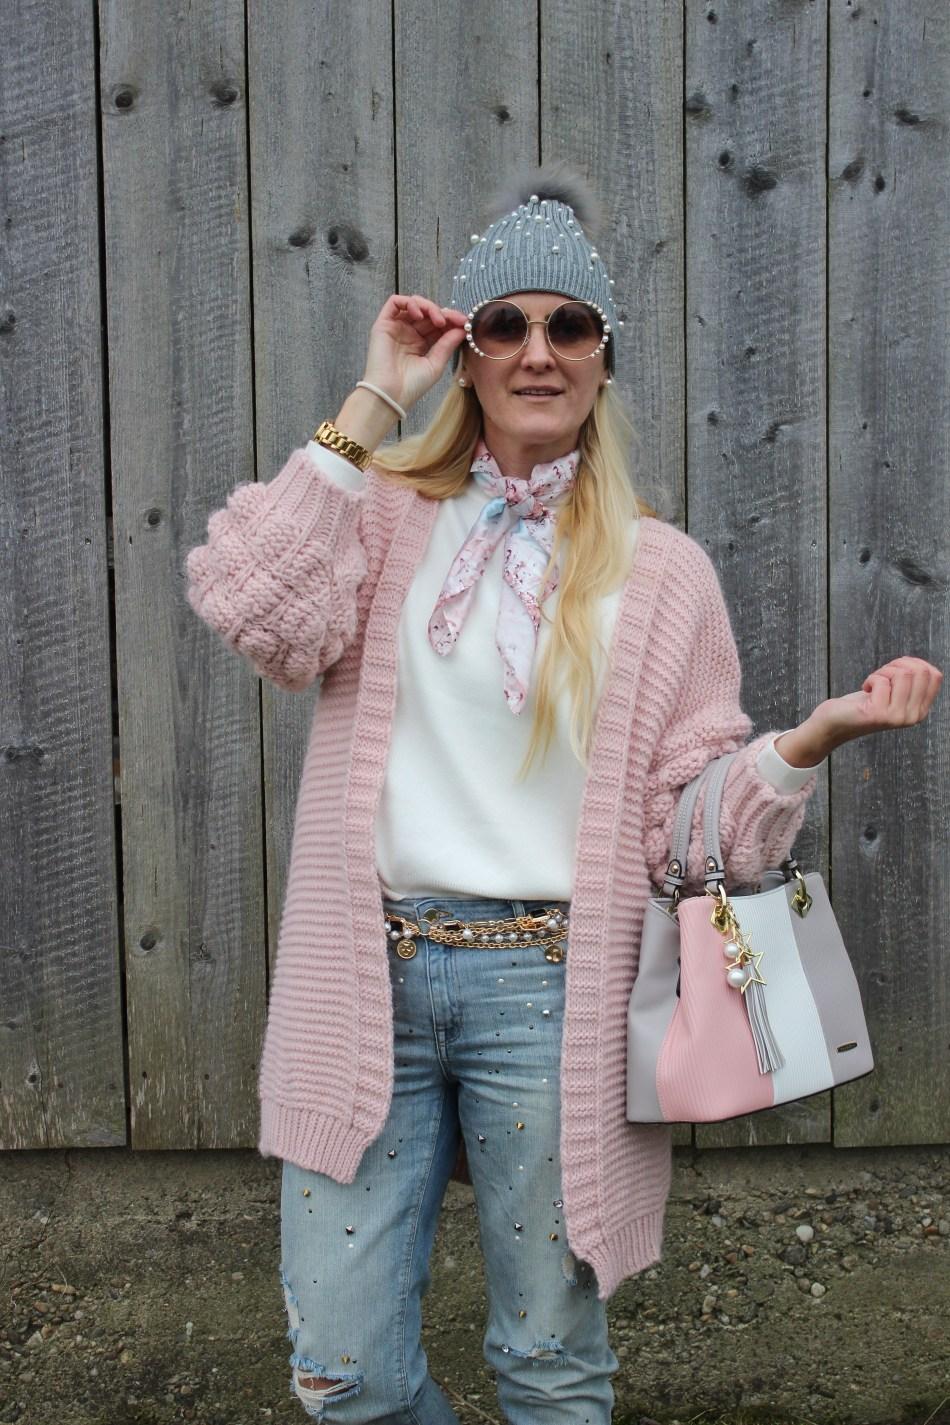 Pomelobest-Handbags-Shopper-Handtaschen-Rosa-Pink-Boots-Bugatti-Cardigan-Pastelllfarben-Chainbelt-Pearls-Perlen-Denim-carrieslifestyle-Tamara-Prutsch